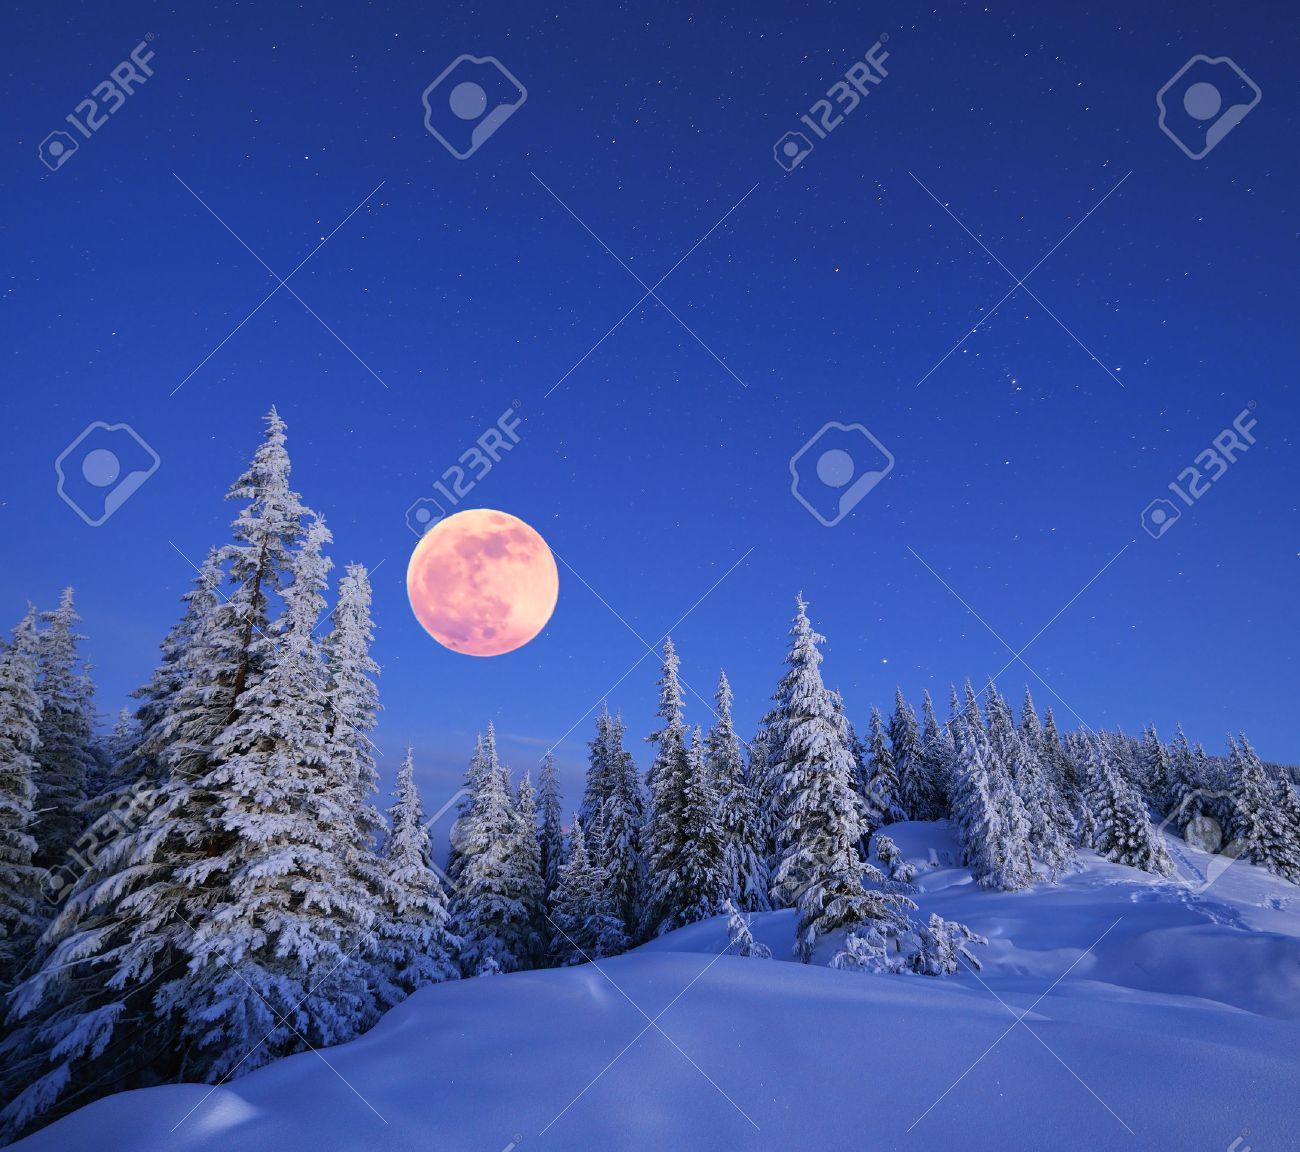 Paysage d'hiver dans les montagnes dans la nuit Une pleine lune et un ciel étoilé Carpates, Ukraine Banque d'images - 22603630